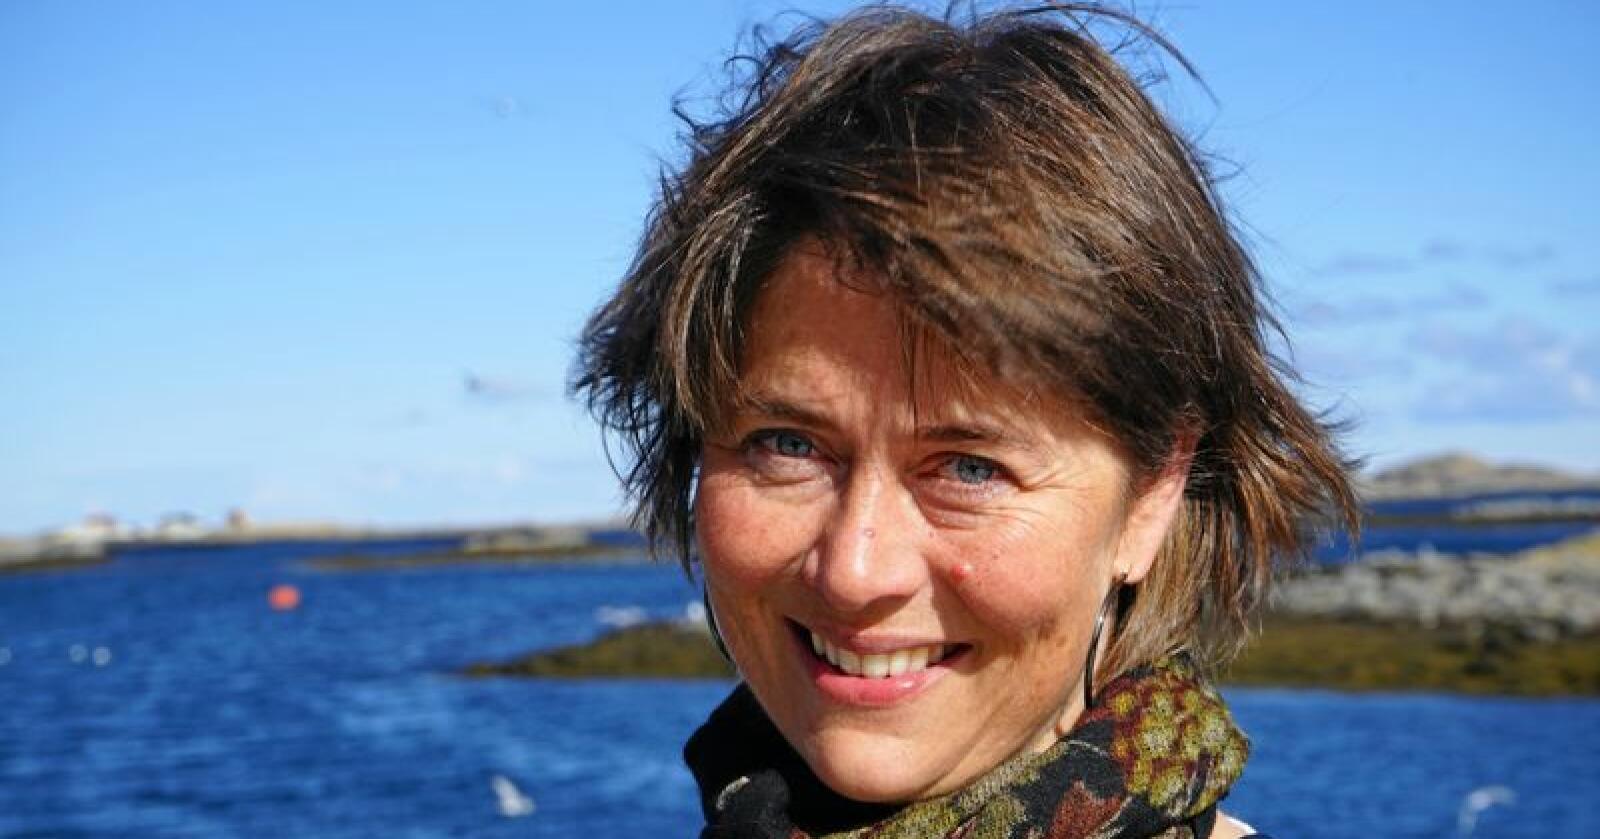 Store legevakter er ikkje betre for pasientane enn små, seier Helen Brandstorp i Nasjonalt senter for distriktsmedisin. Foto: Tove Myrbakk / Nordland Legeforening